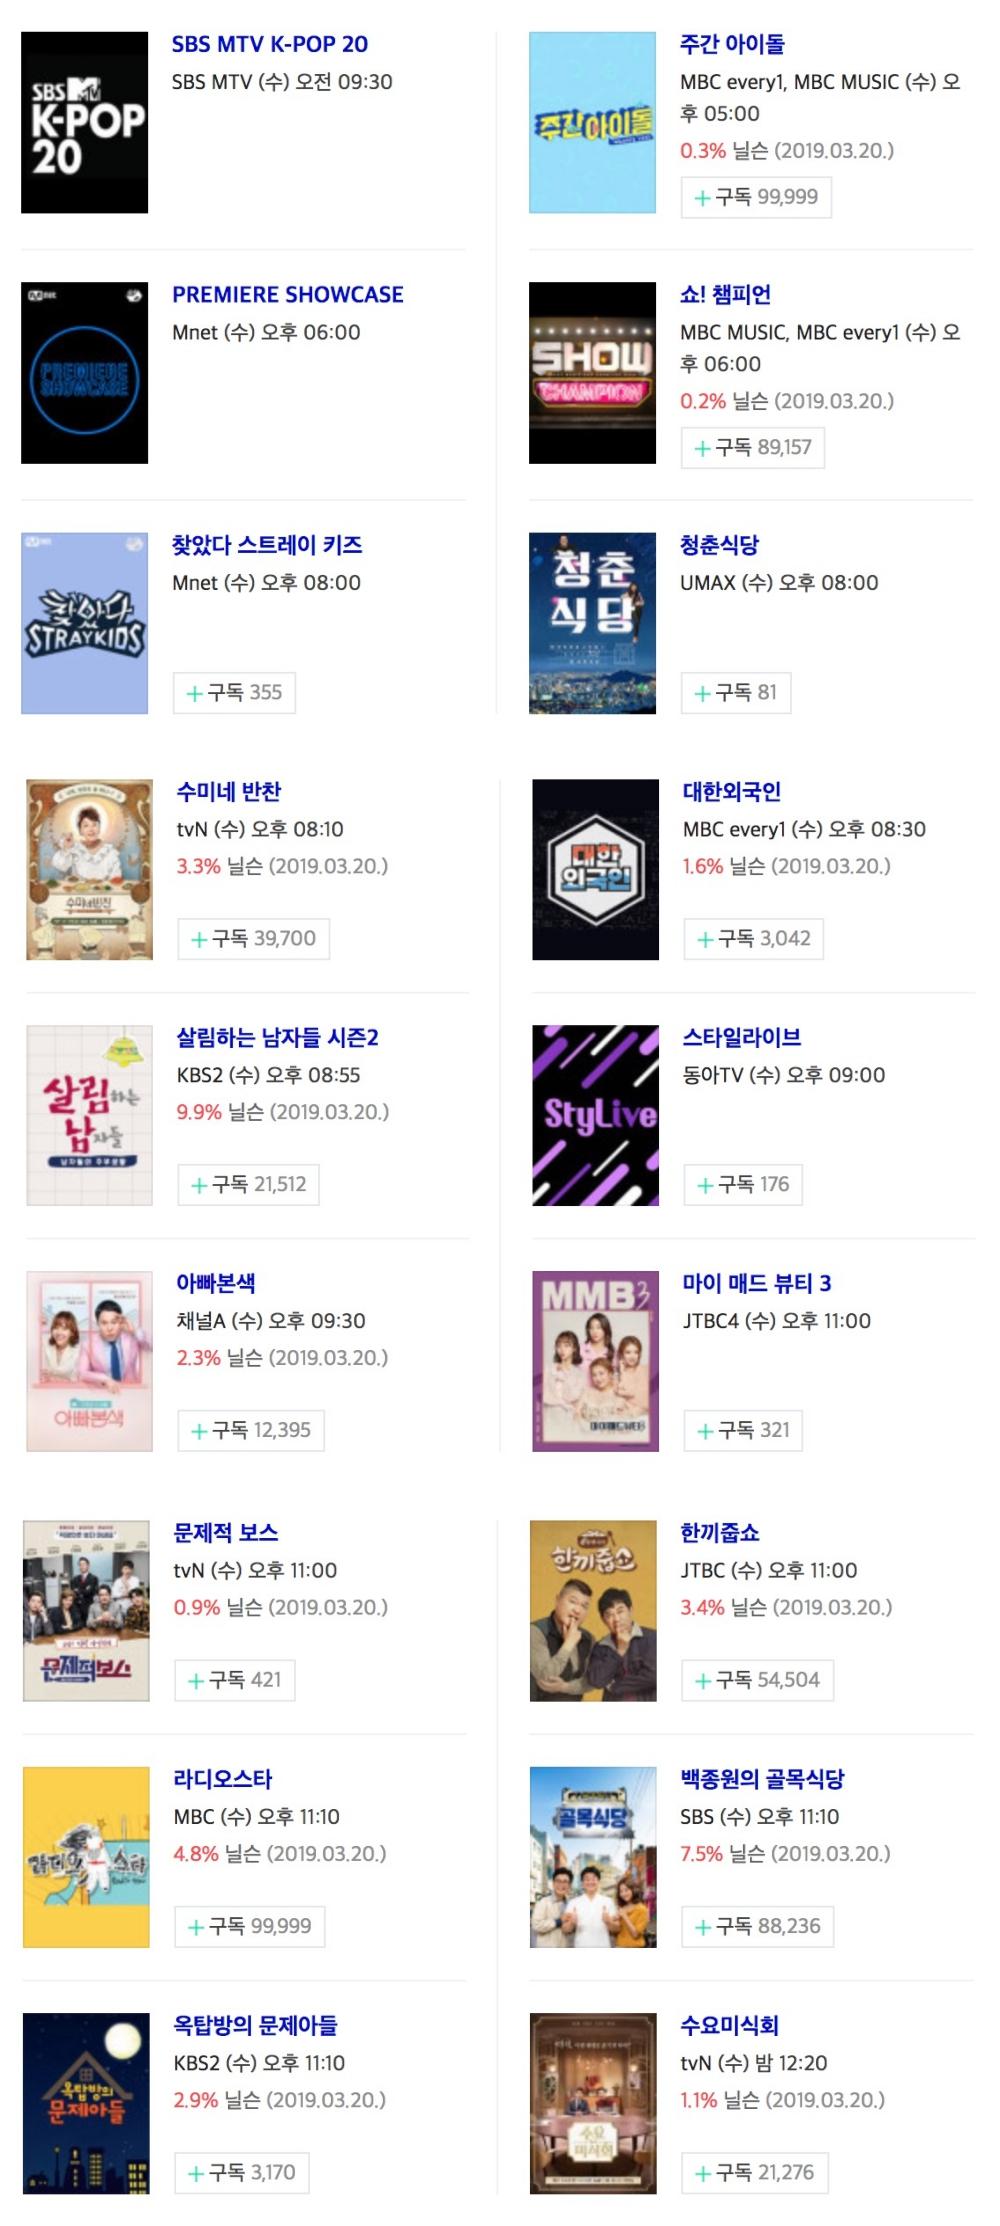 [수요일 예능] 27일 오후 주요 예능 프로그램 편성표-지난주 시청률은?